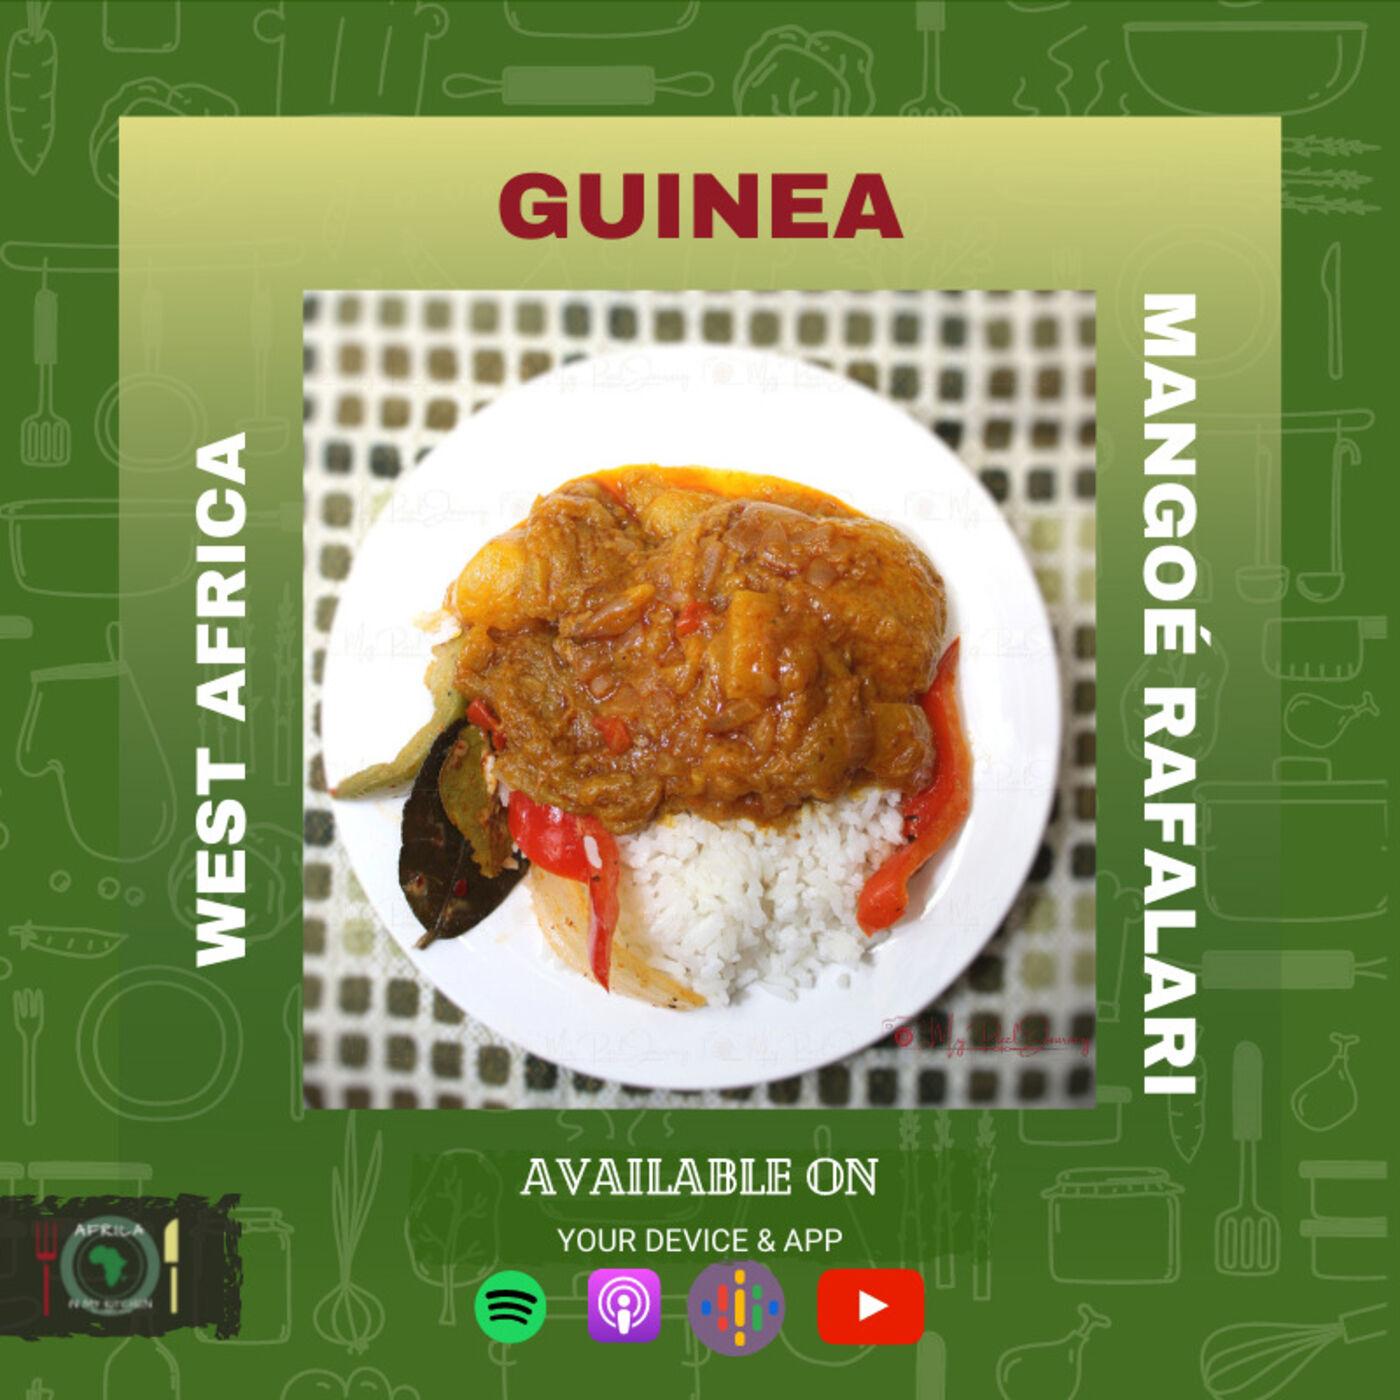 Guinea - Mangoé Rafalari